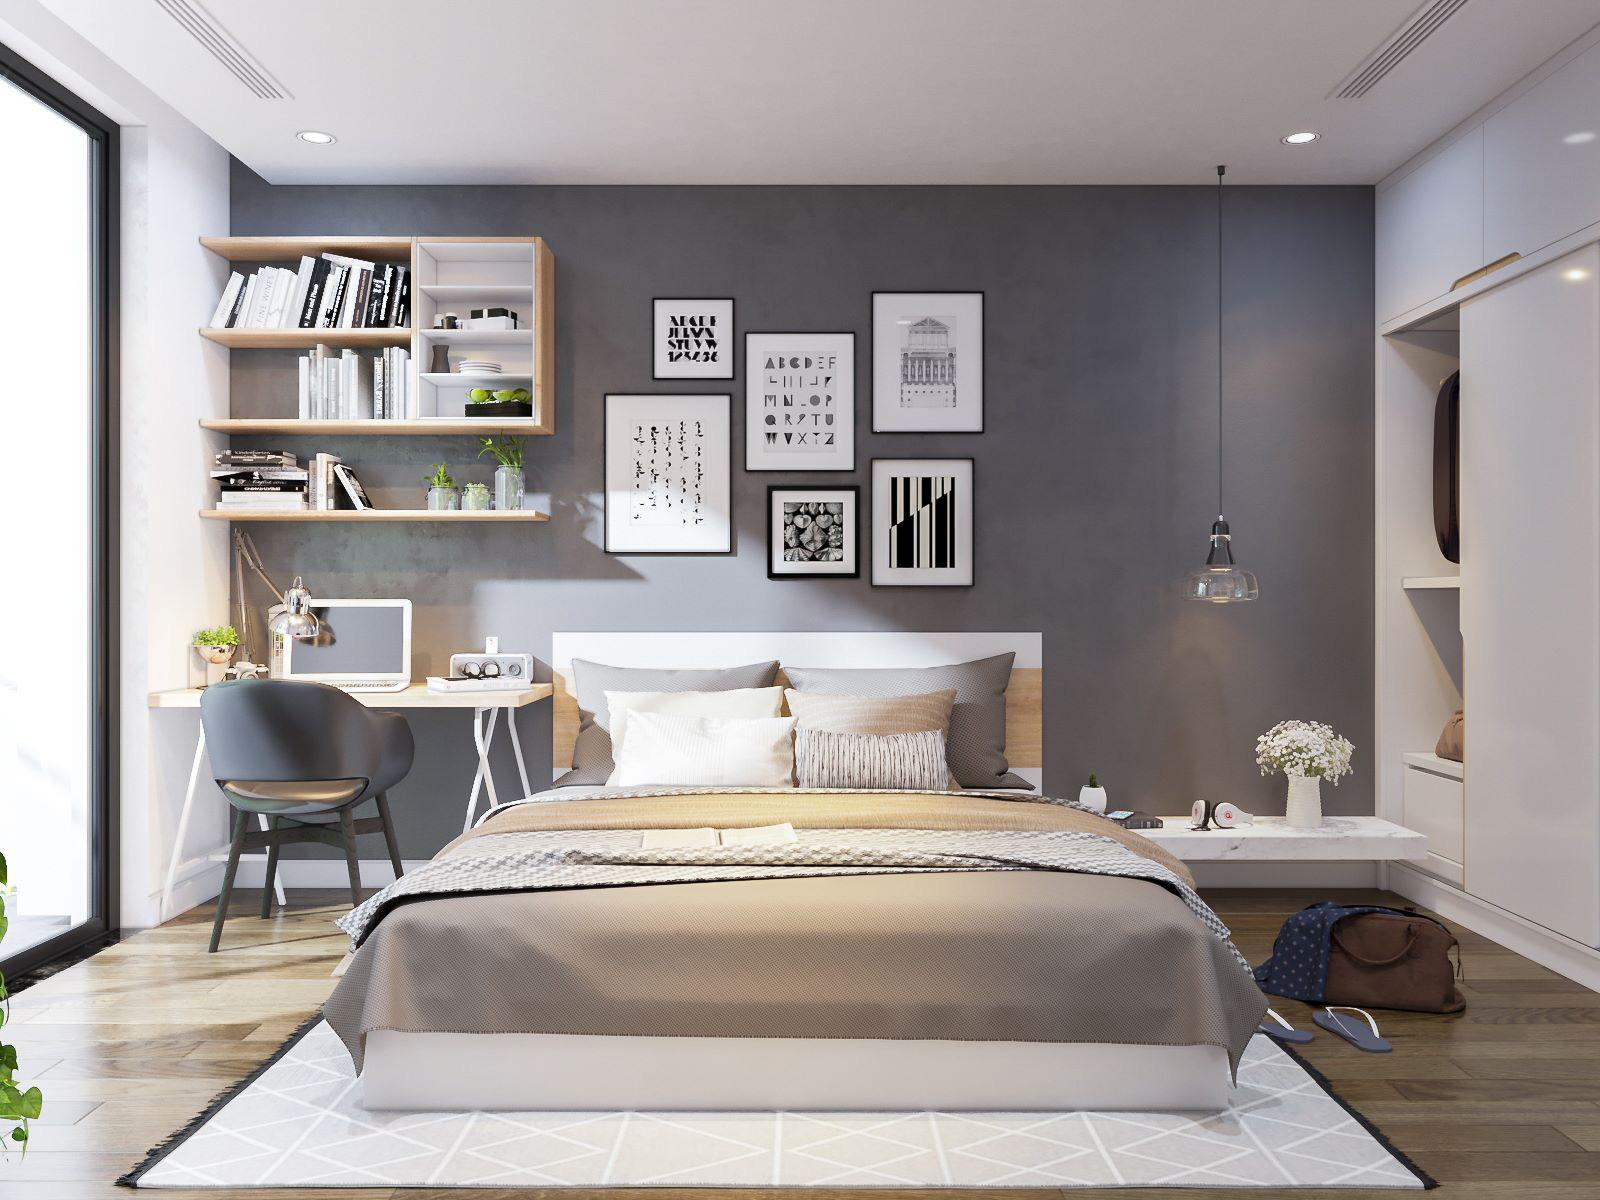 Tư vấn thiết kế căn hộ chung cư diện tích 56m2 với tổng chi phí 100 triệu đồng - Ảnh 12.